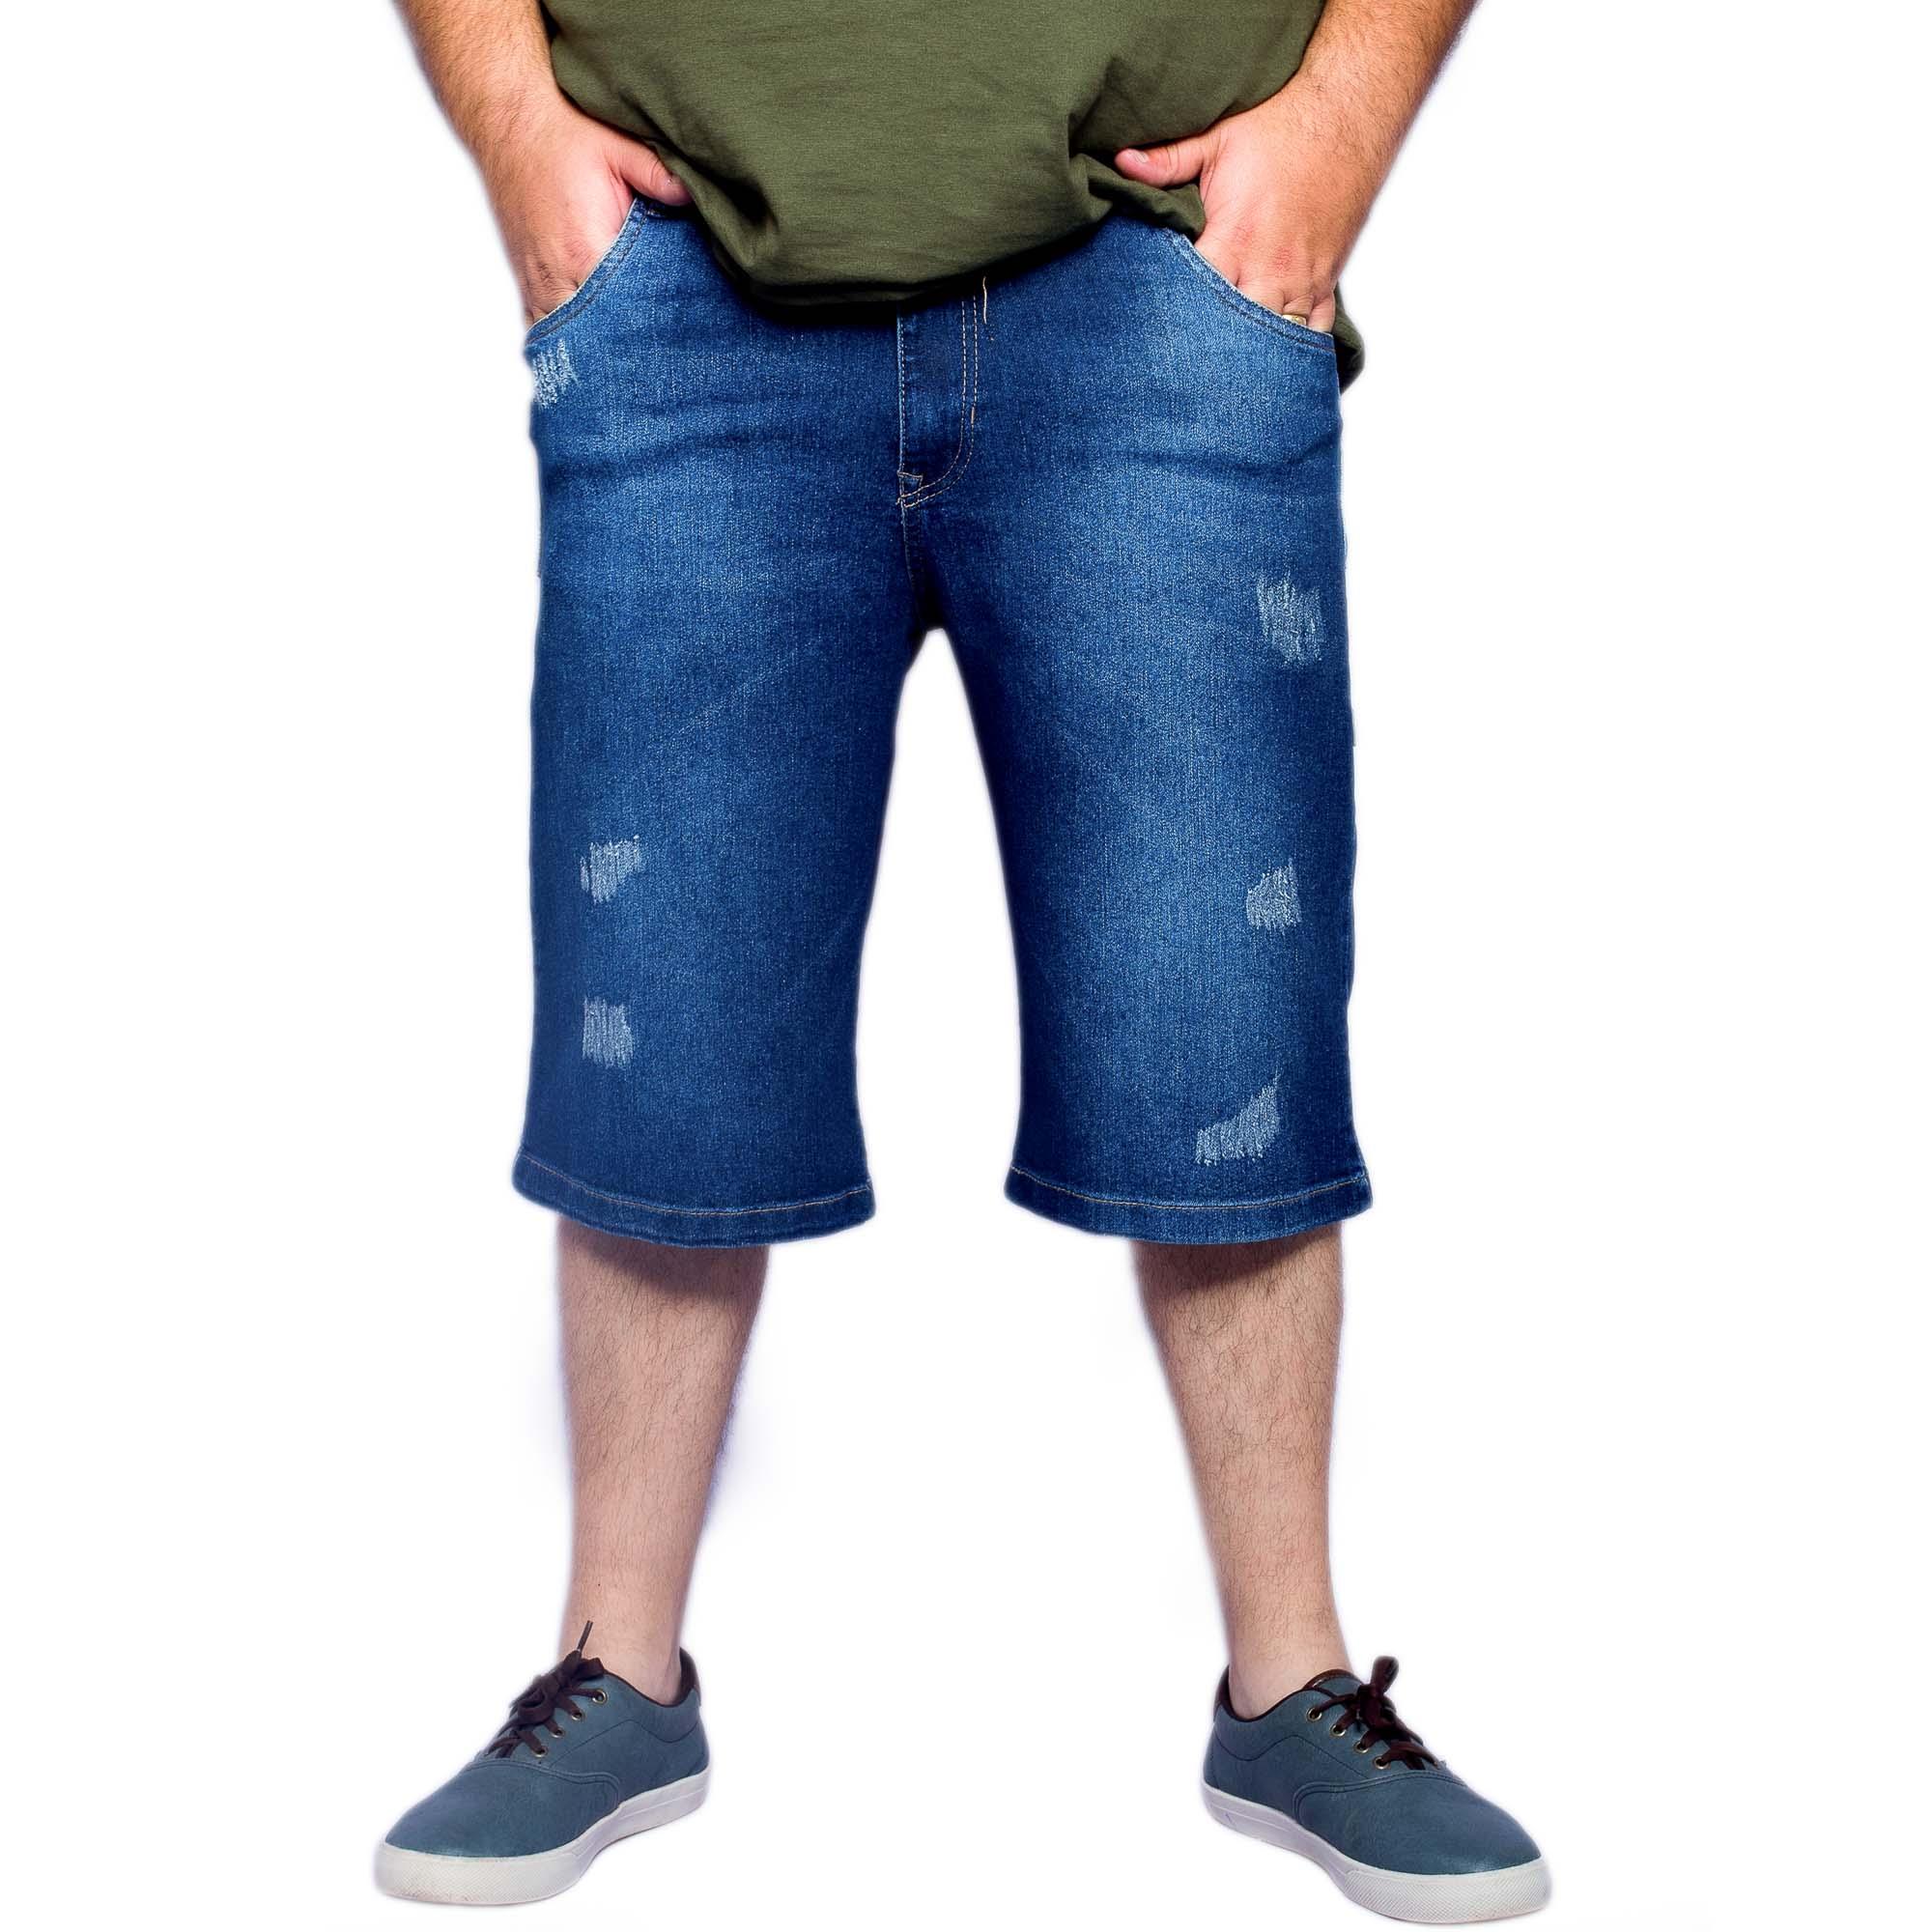 Bermuda Masculina Jeans Plus Size Com Cordão Na Cintura - Gangster